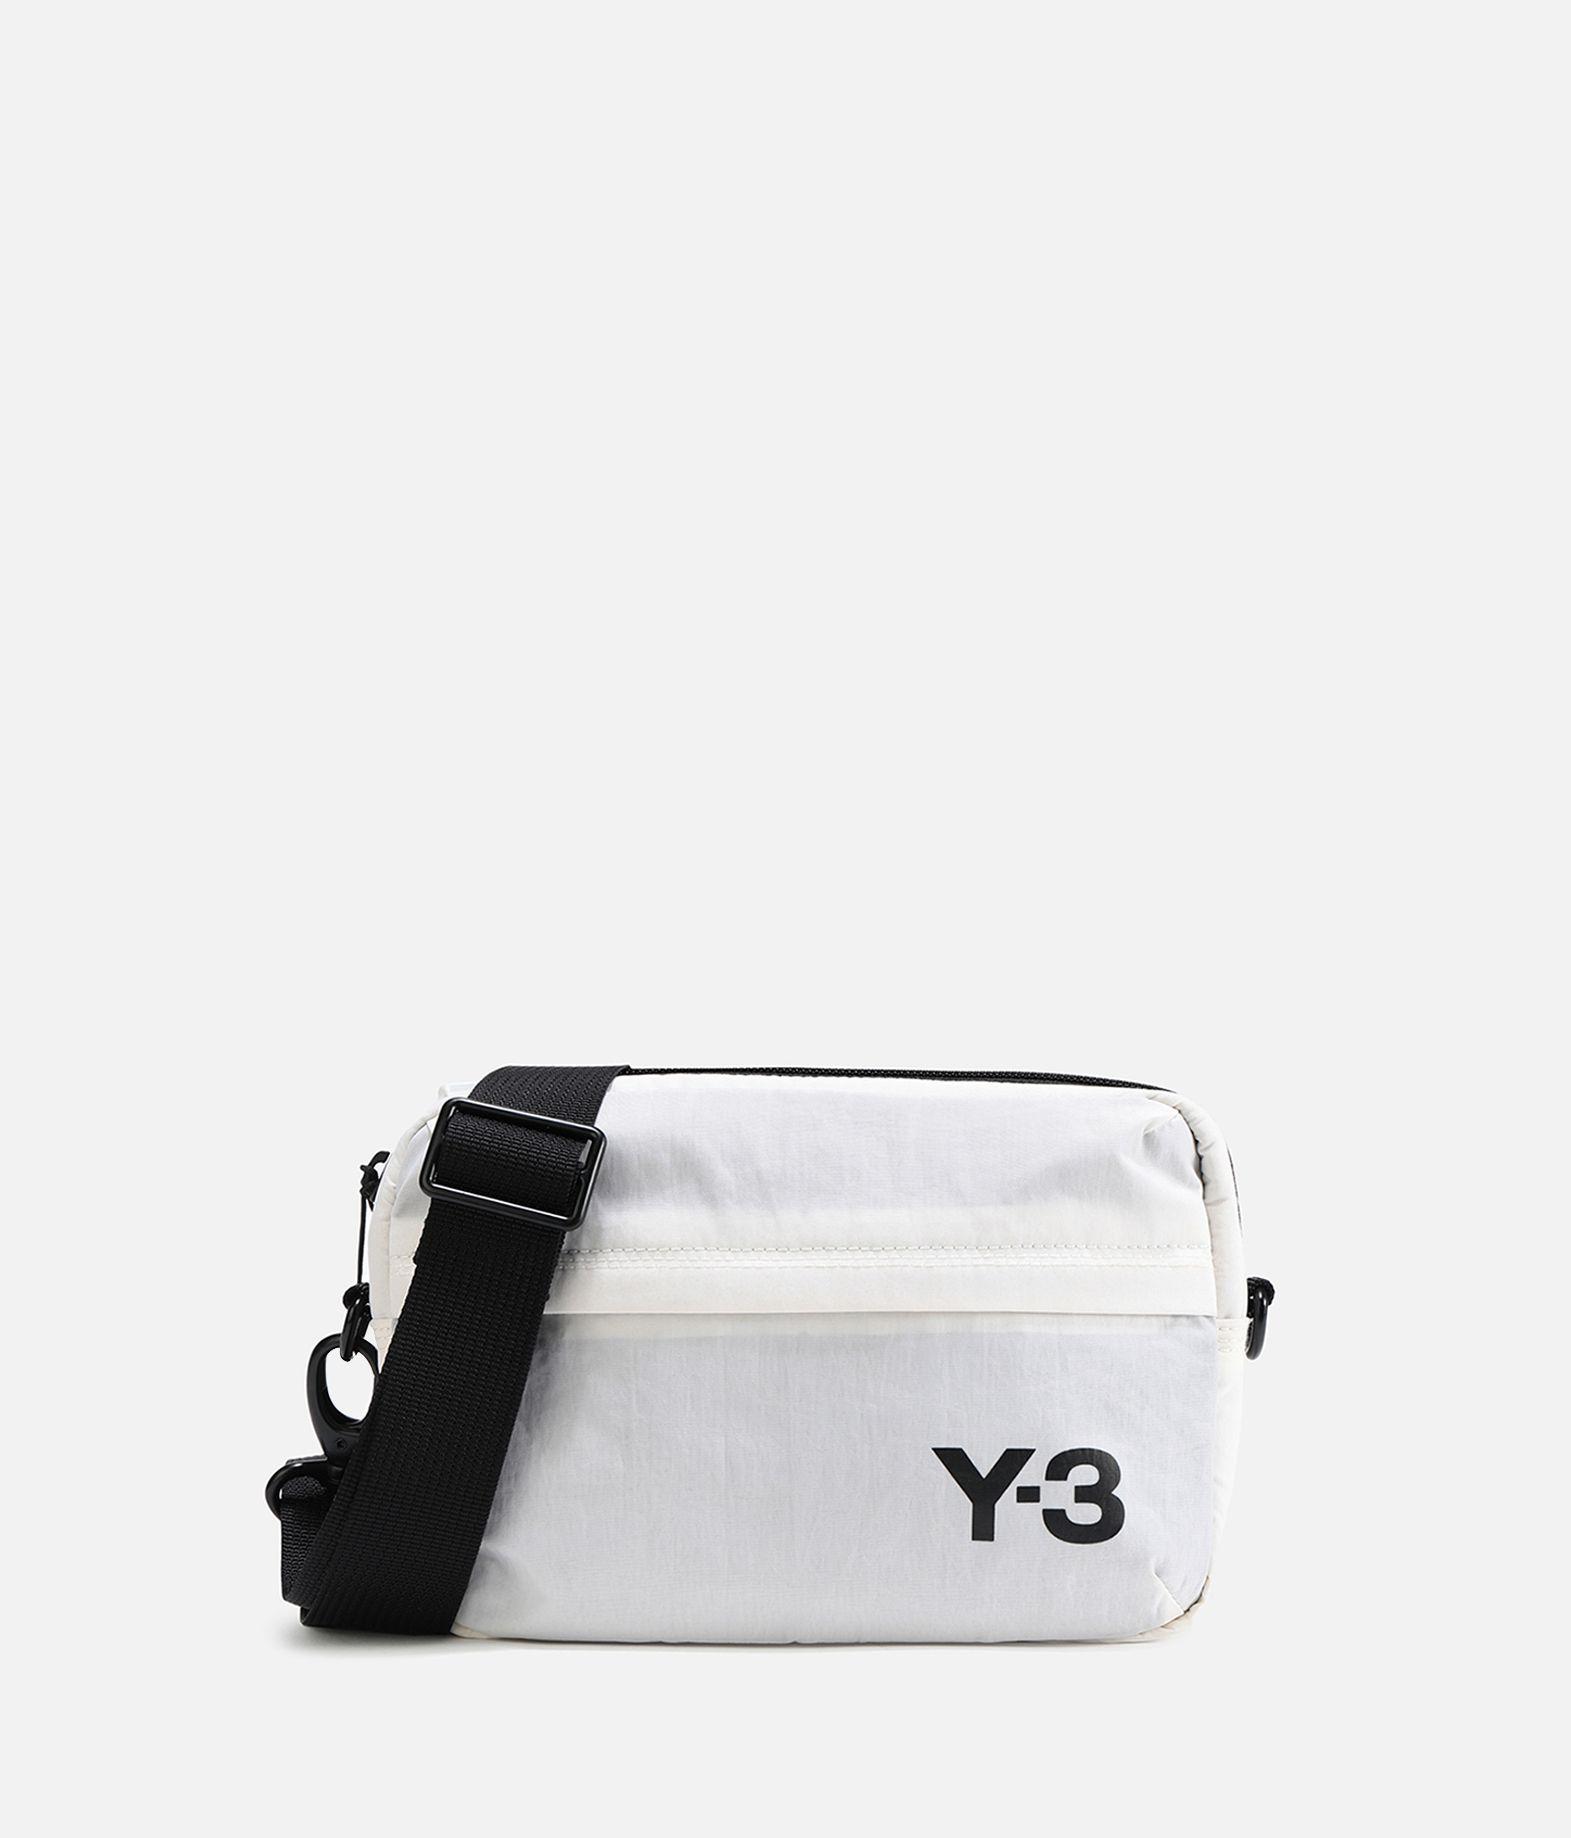 Y-3 Y-3 Sling Bag ショルダーバッグ E f